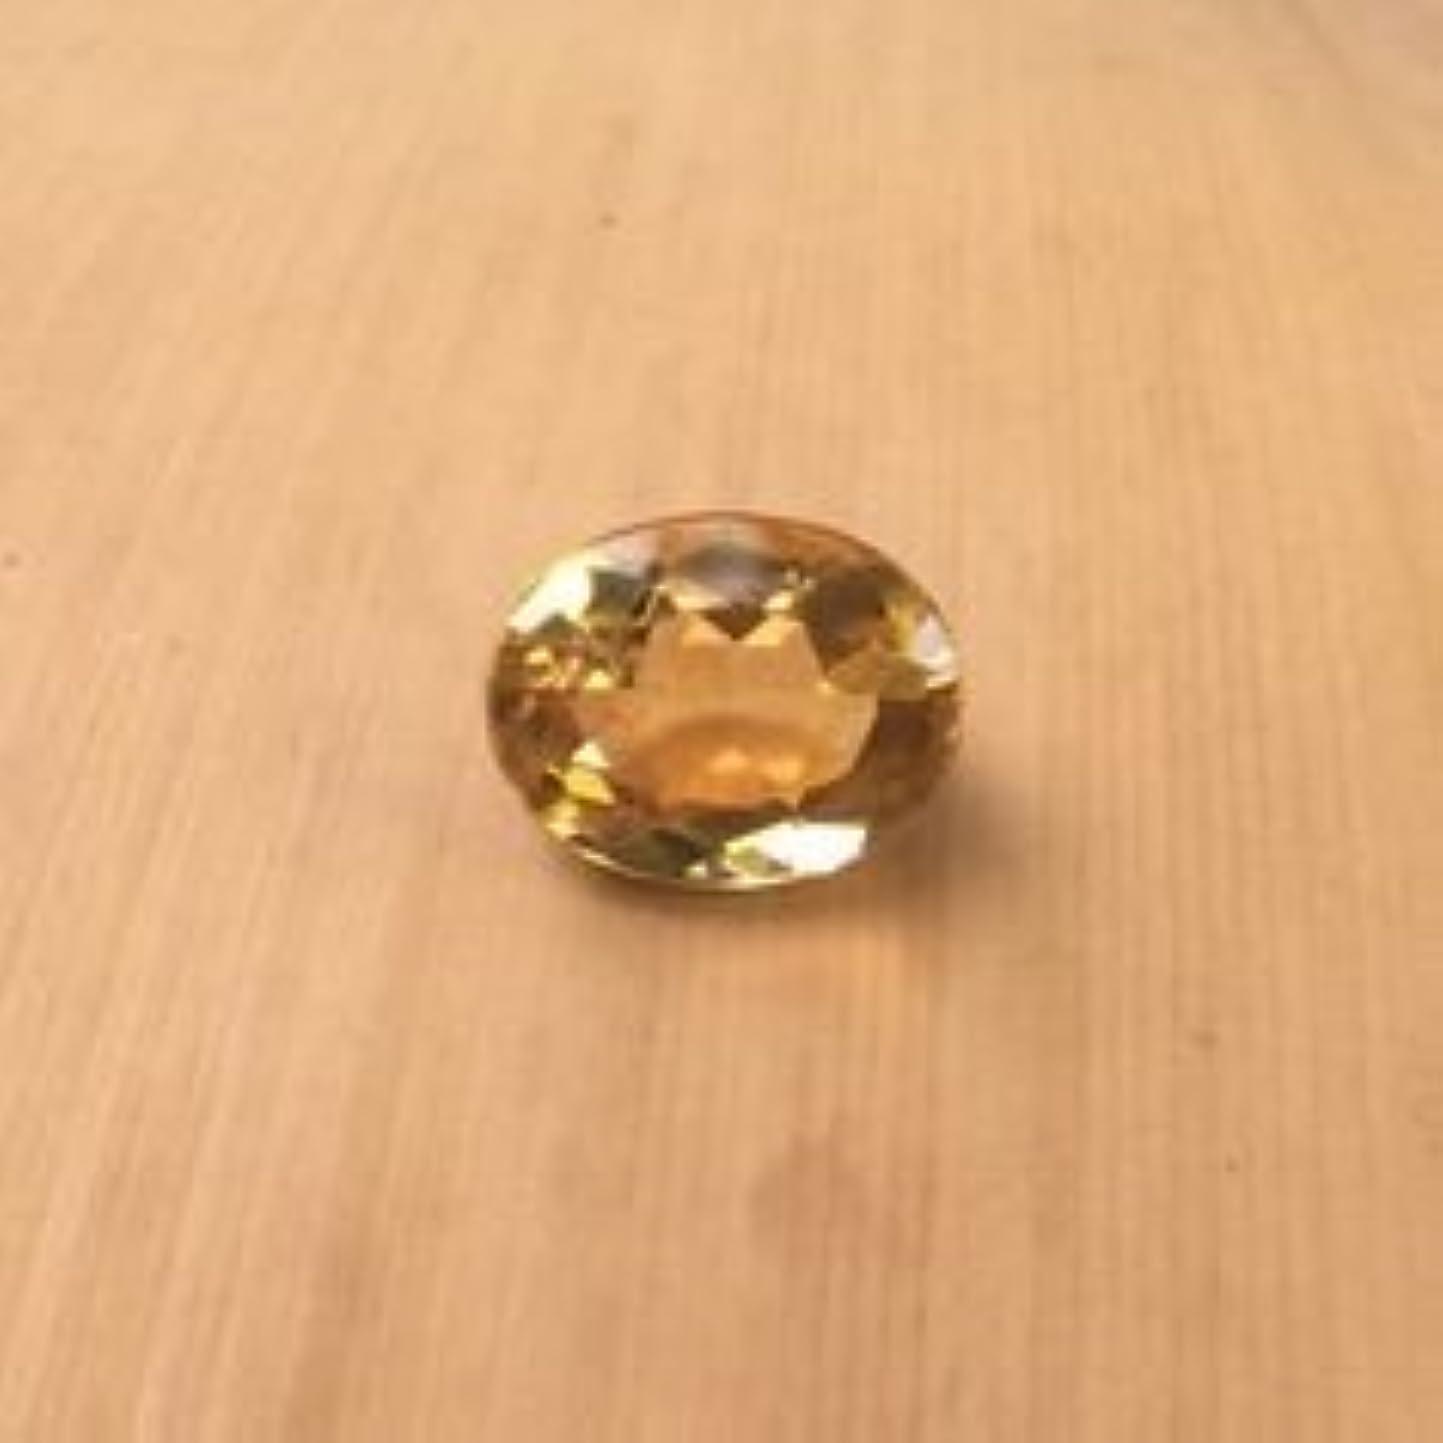 マニフェスト民族主義前件sunela石元Certified Natural Citrine Gemstone 9.9 Carat By gemselect